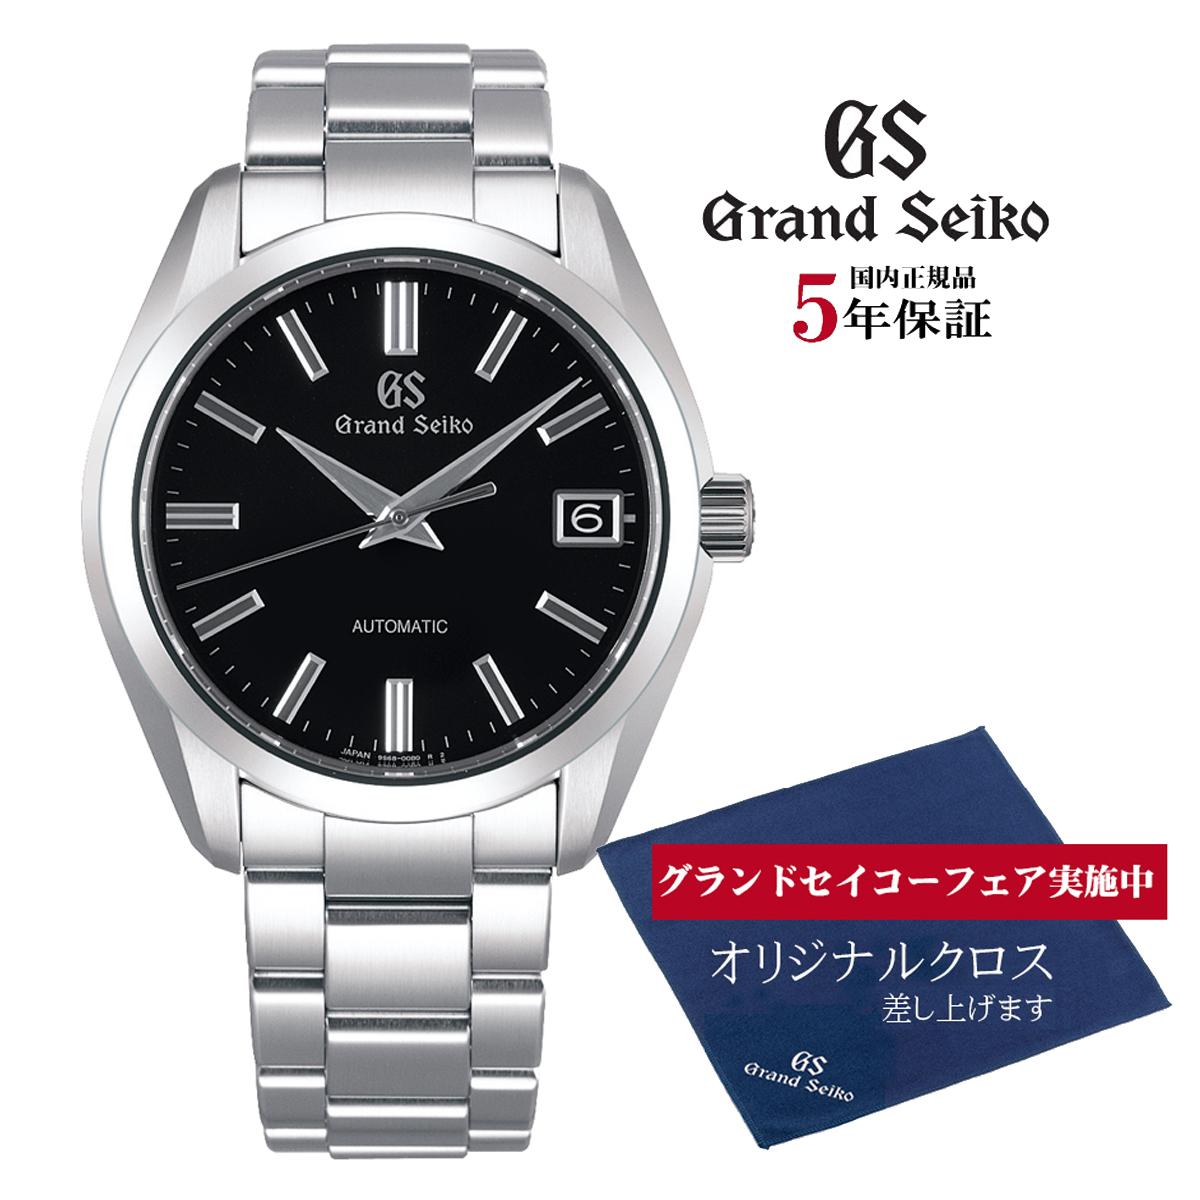 グランドセイコー Grand Seiko 正規メーカー保証3年 SBGR309 9Sメカニカル 正規品 腕時計